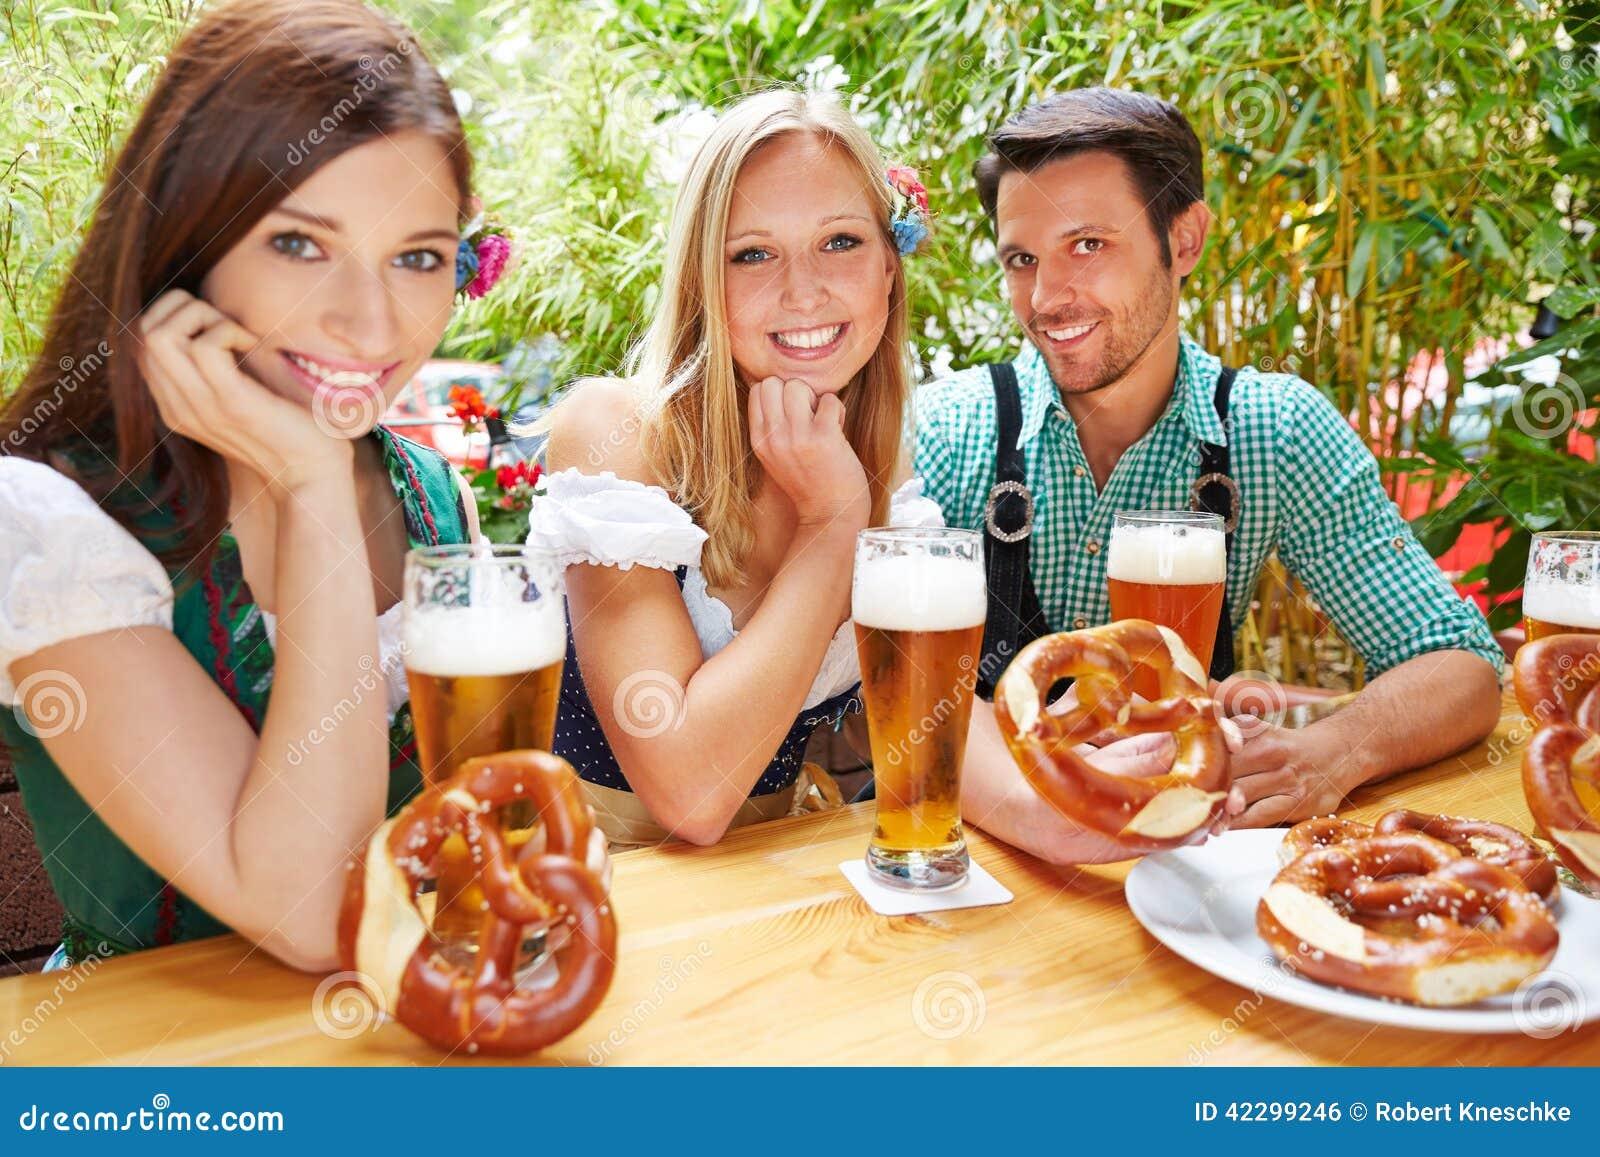 Happy friends in beer garden